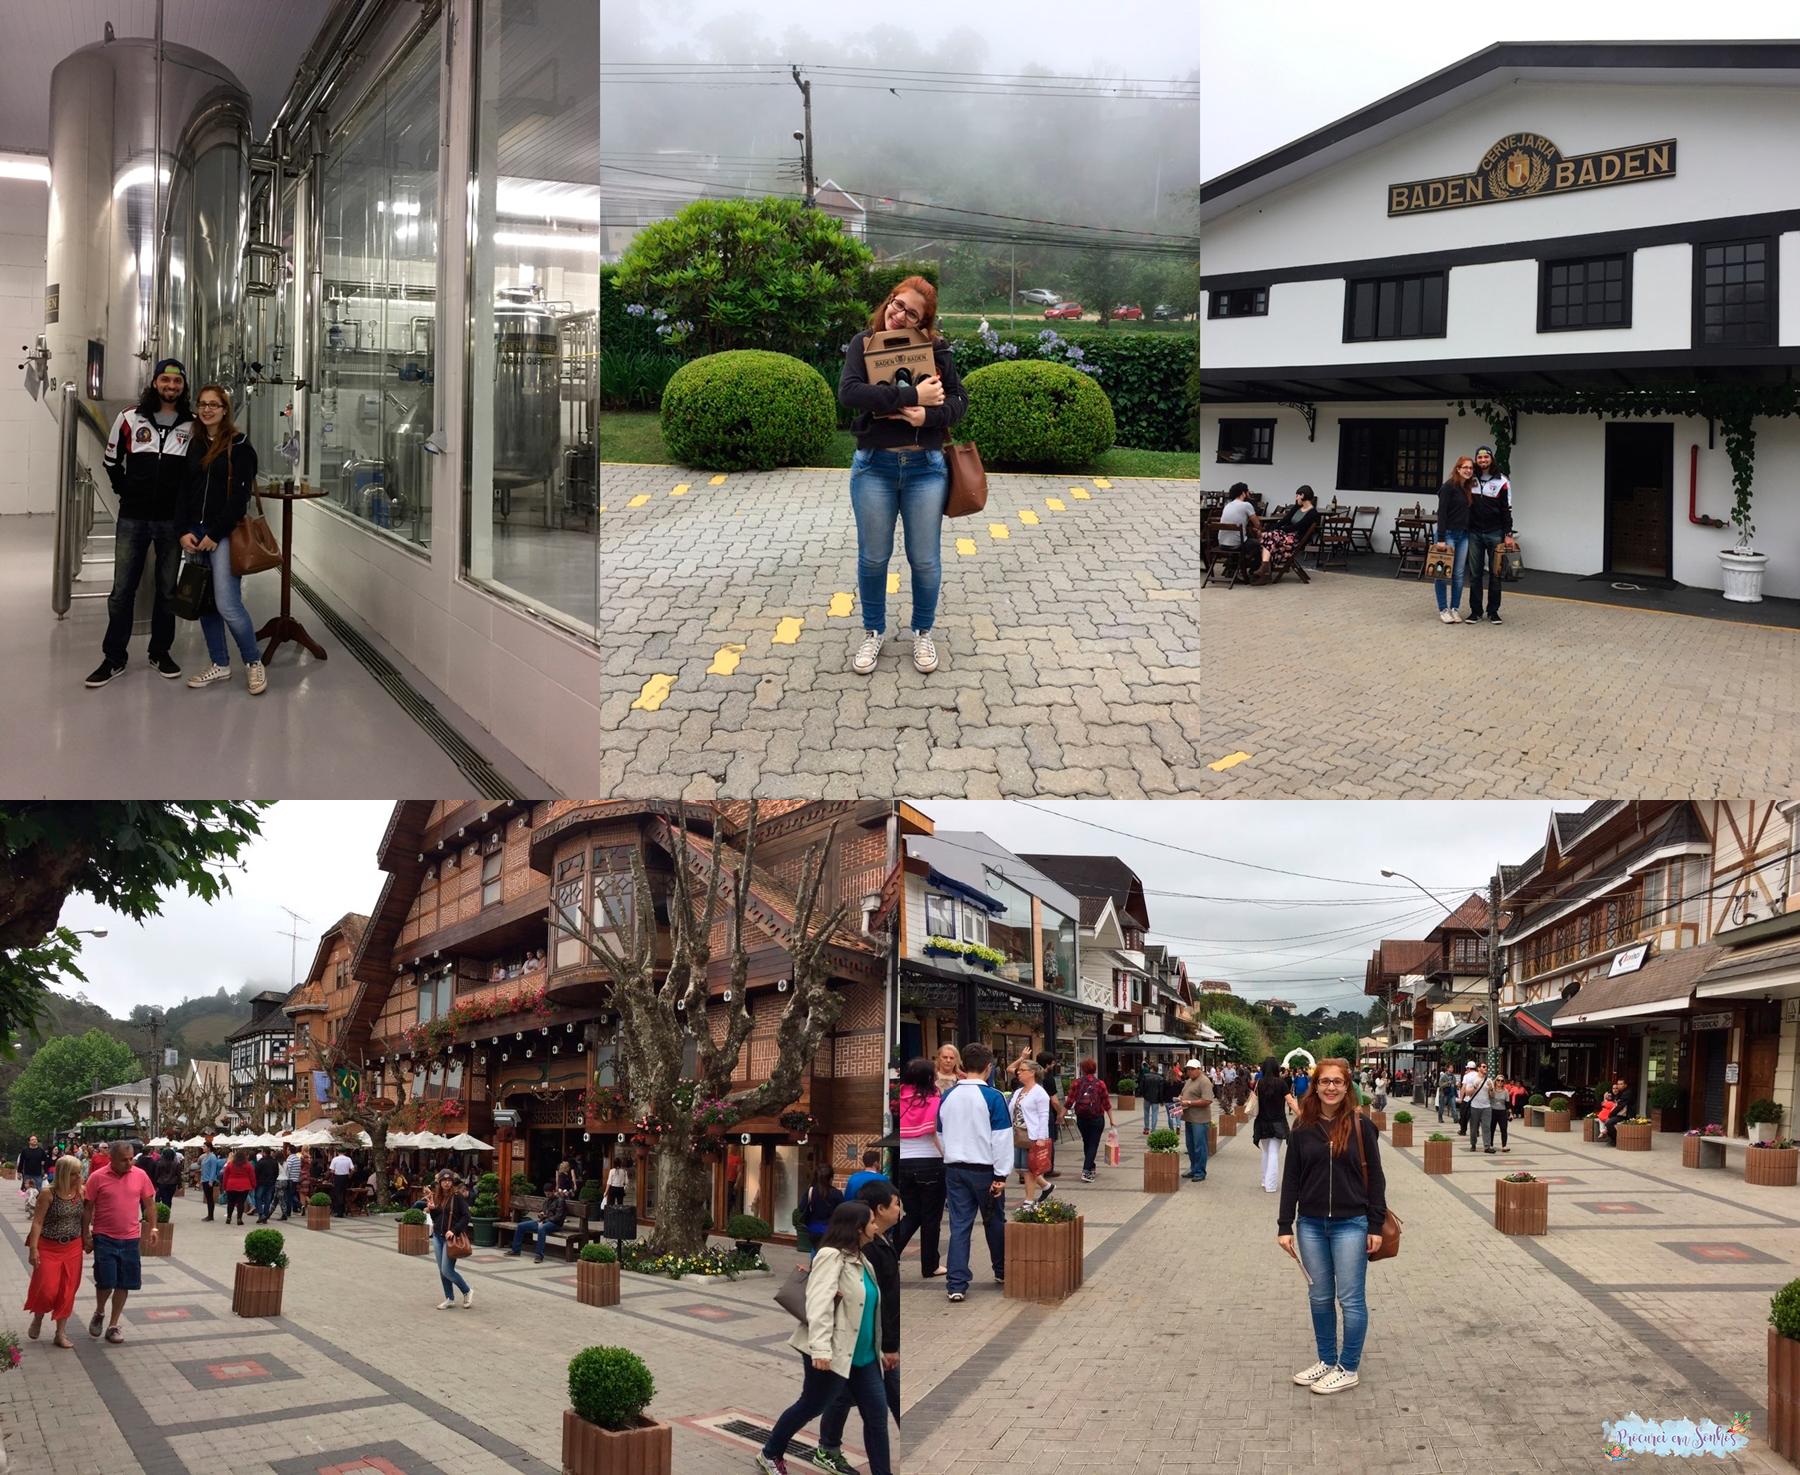 Baden Baden e centrinho